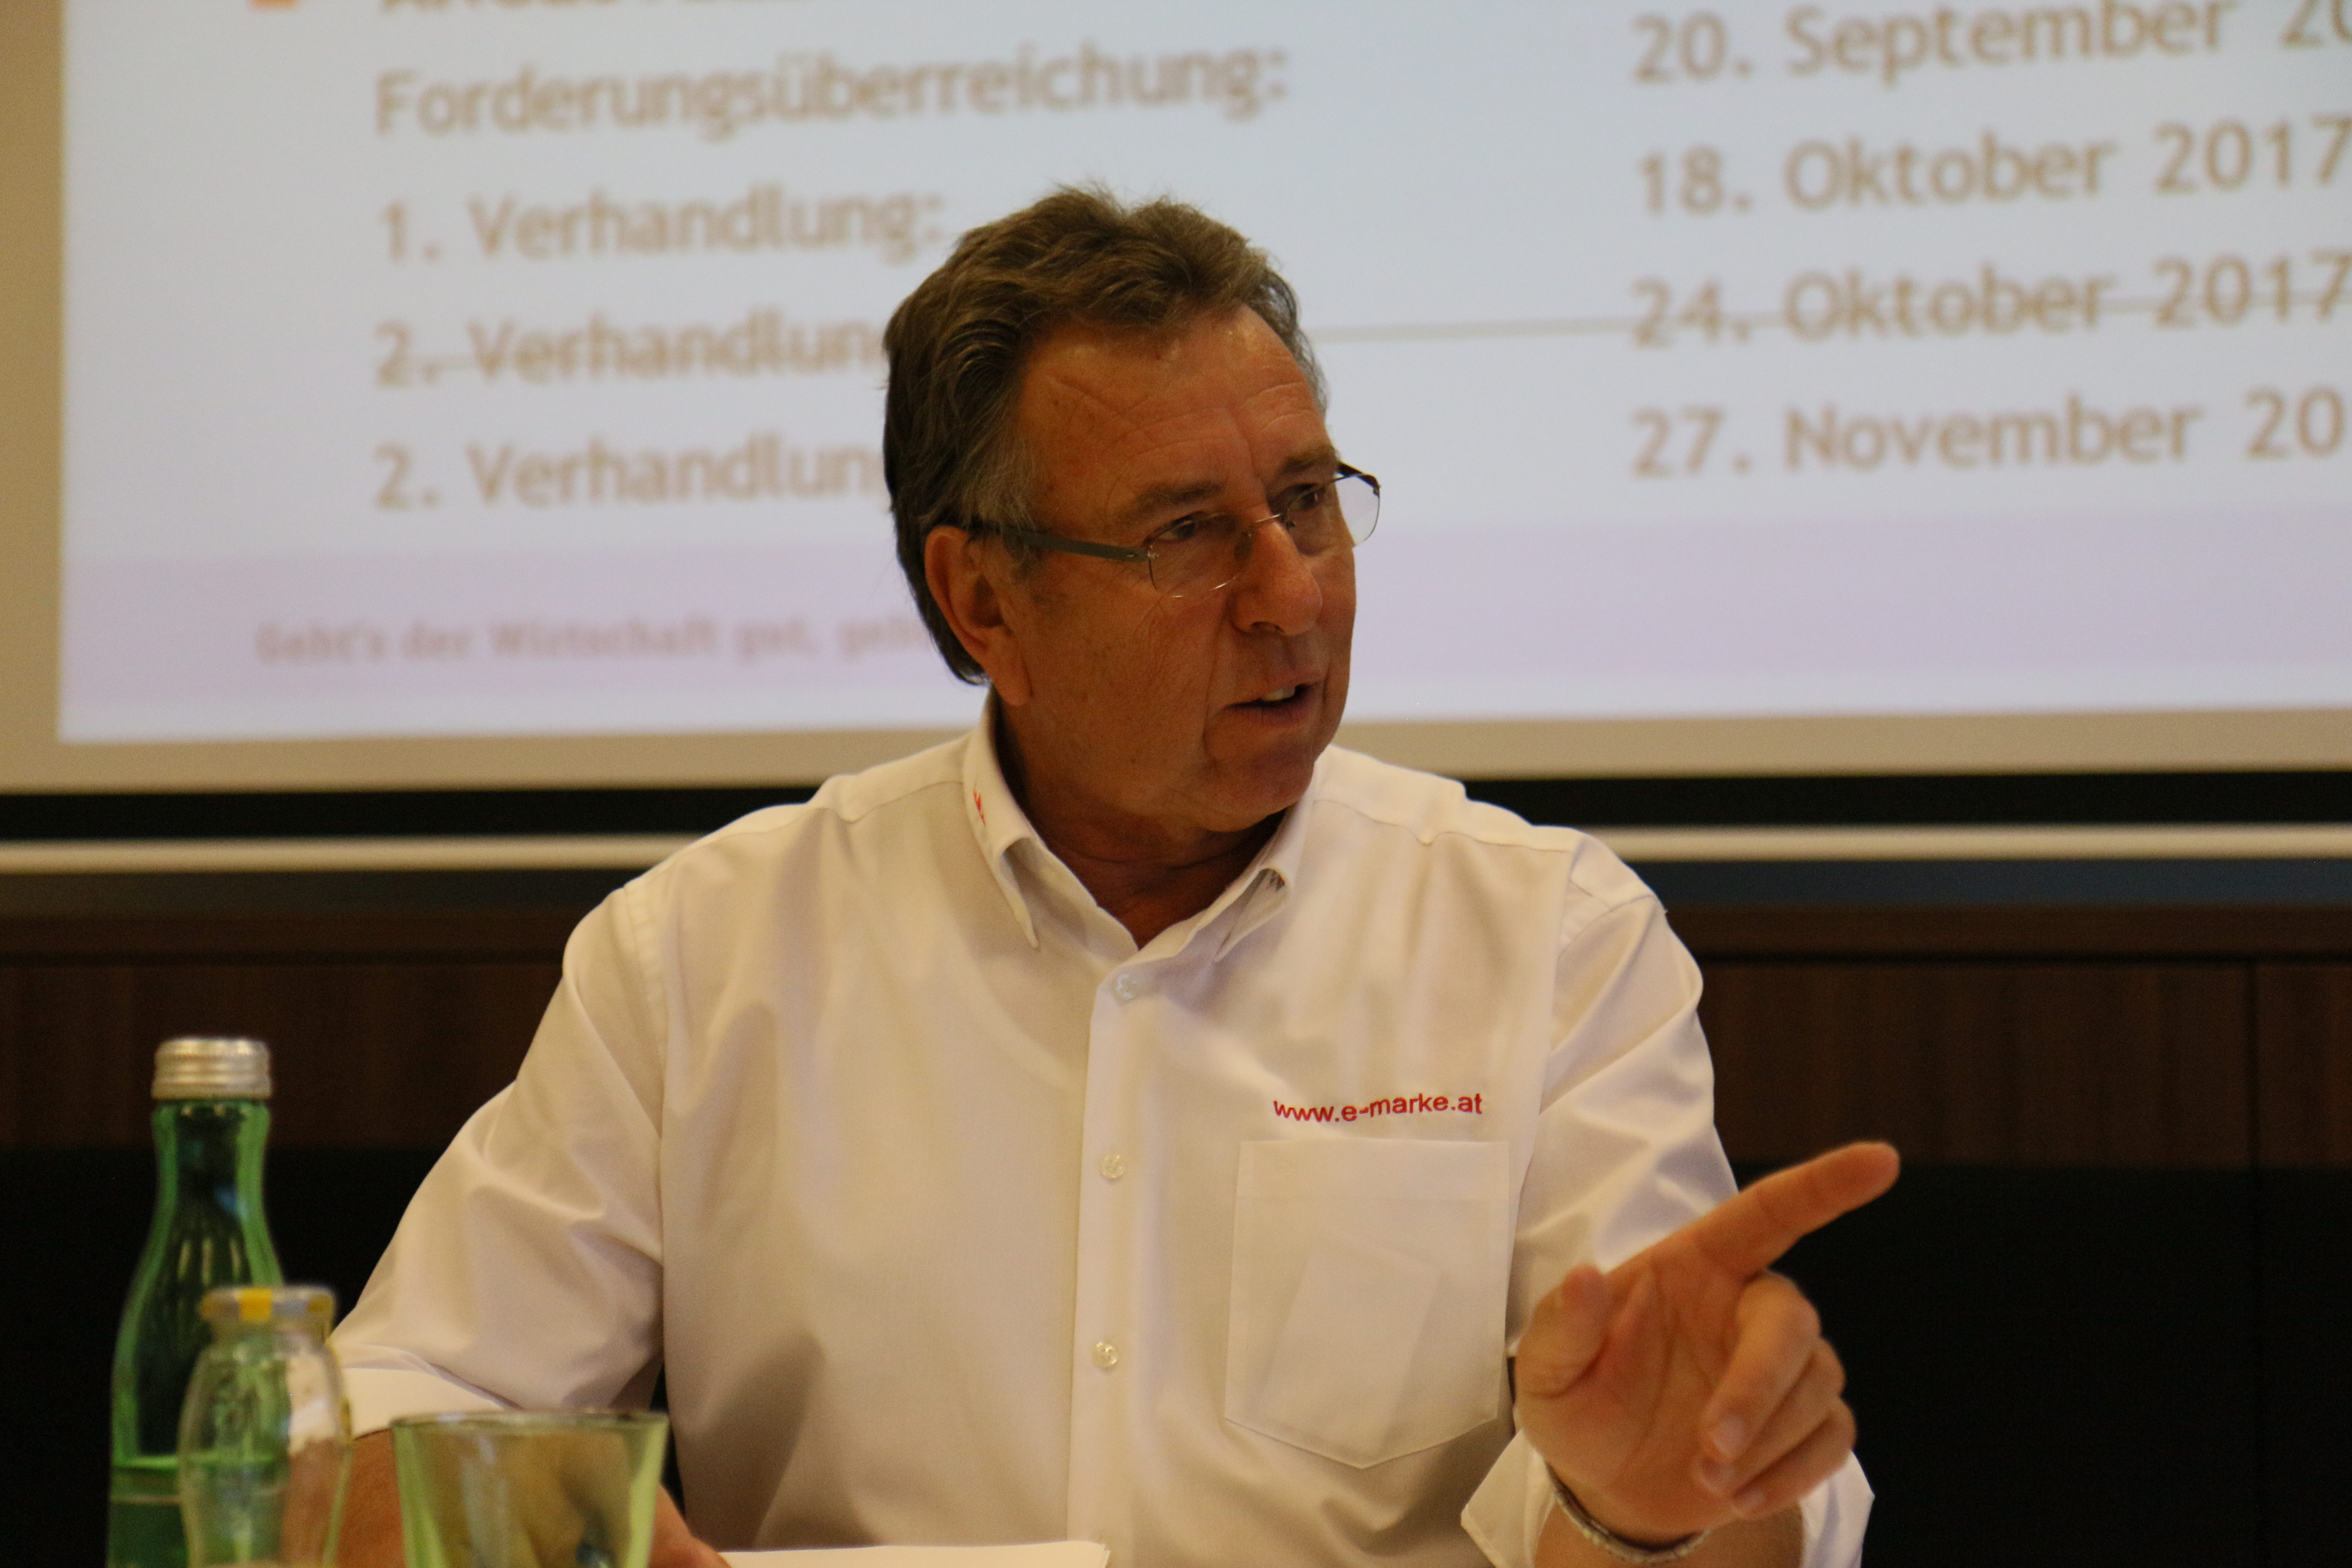 Bundesinnungsmeister Gerald Prinz